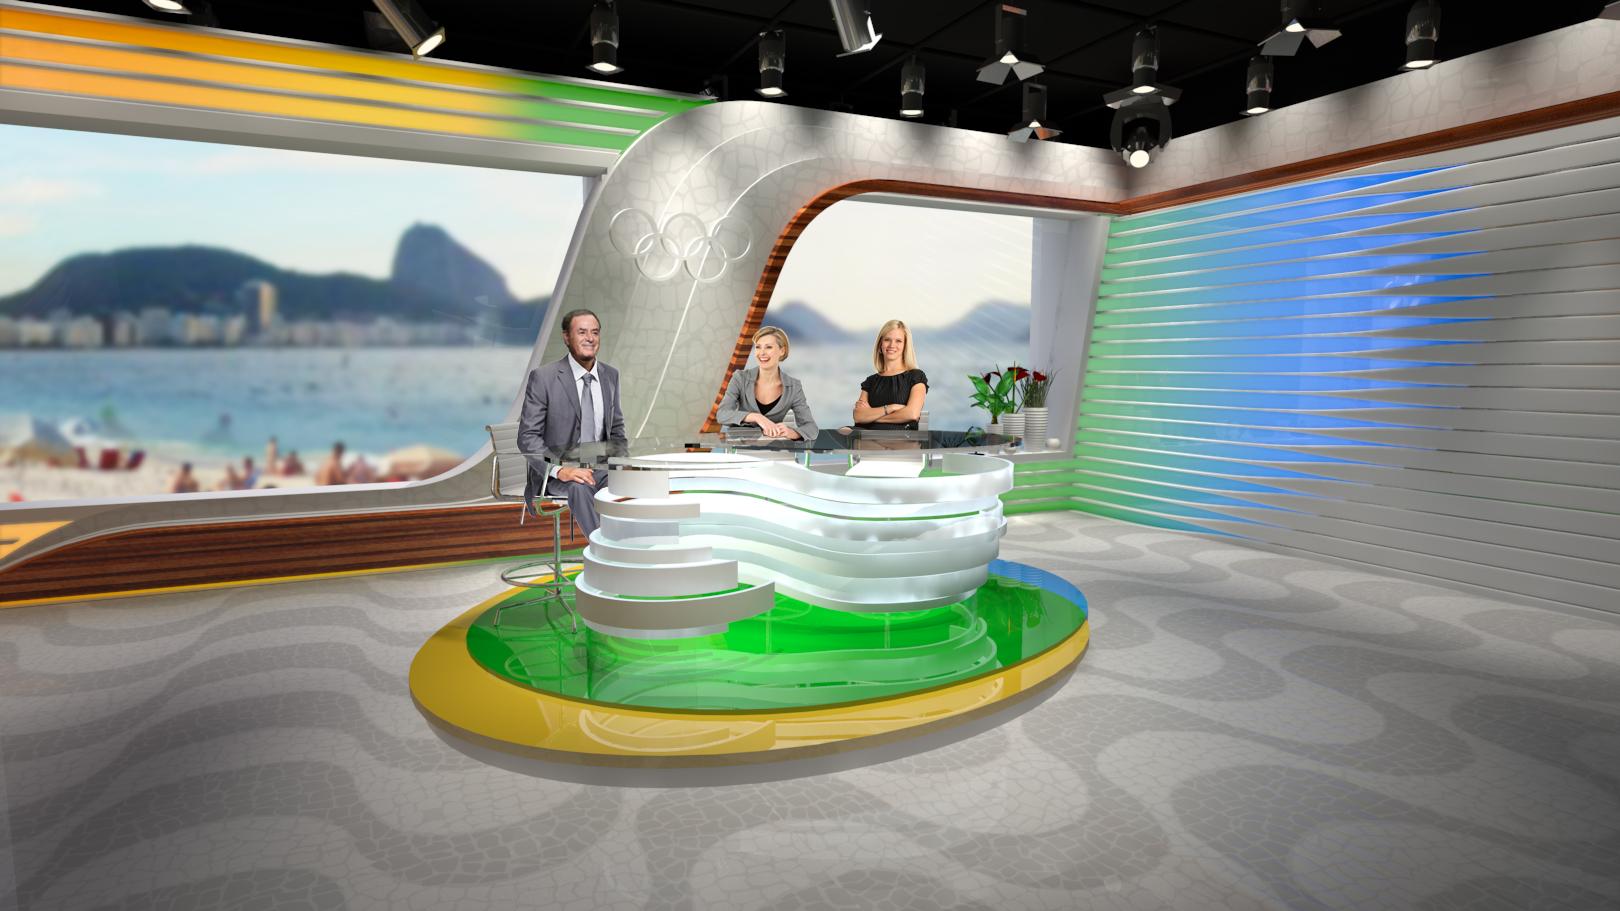 ncs_NBC-Olympics-Studio-Rio_0027